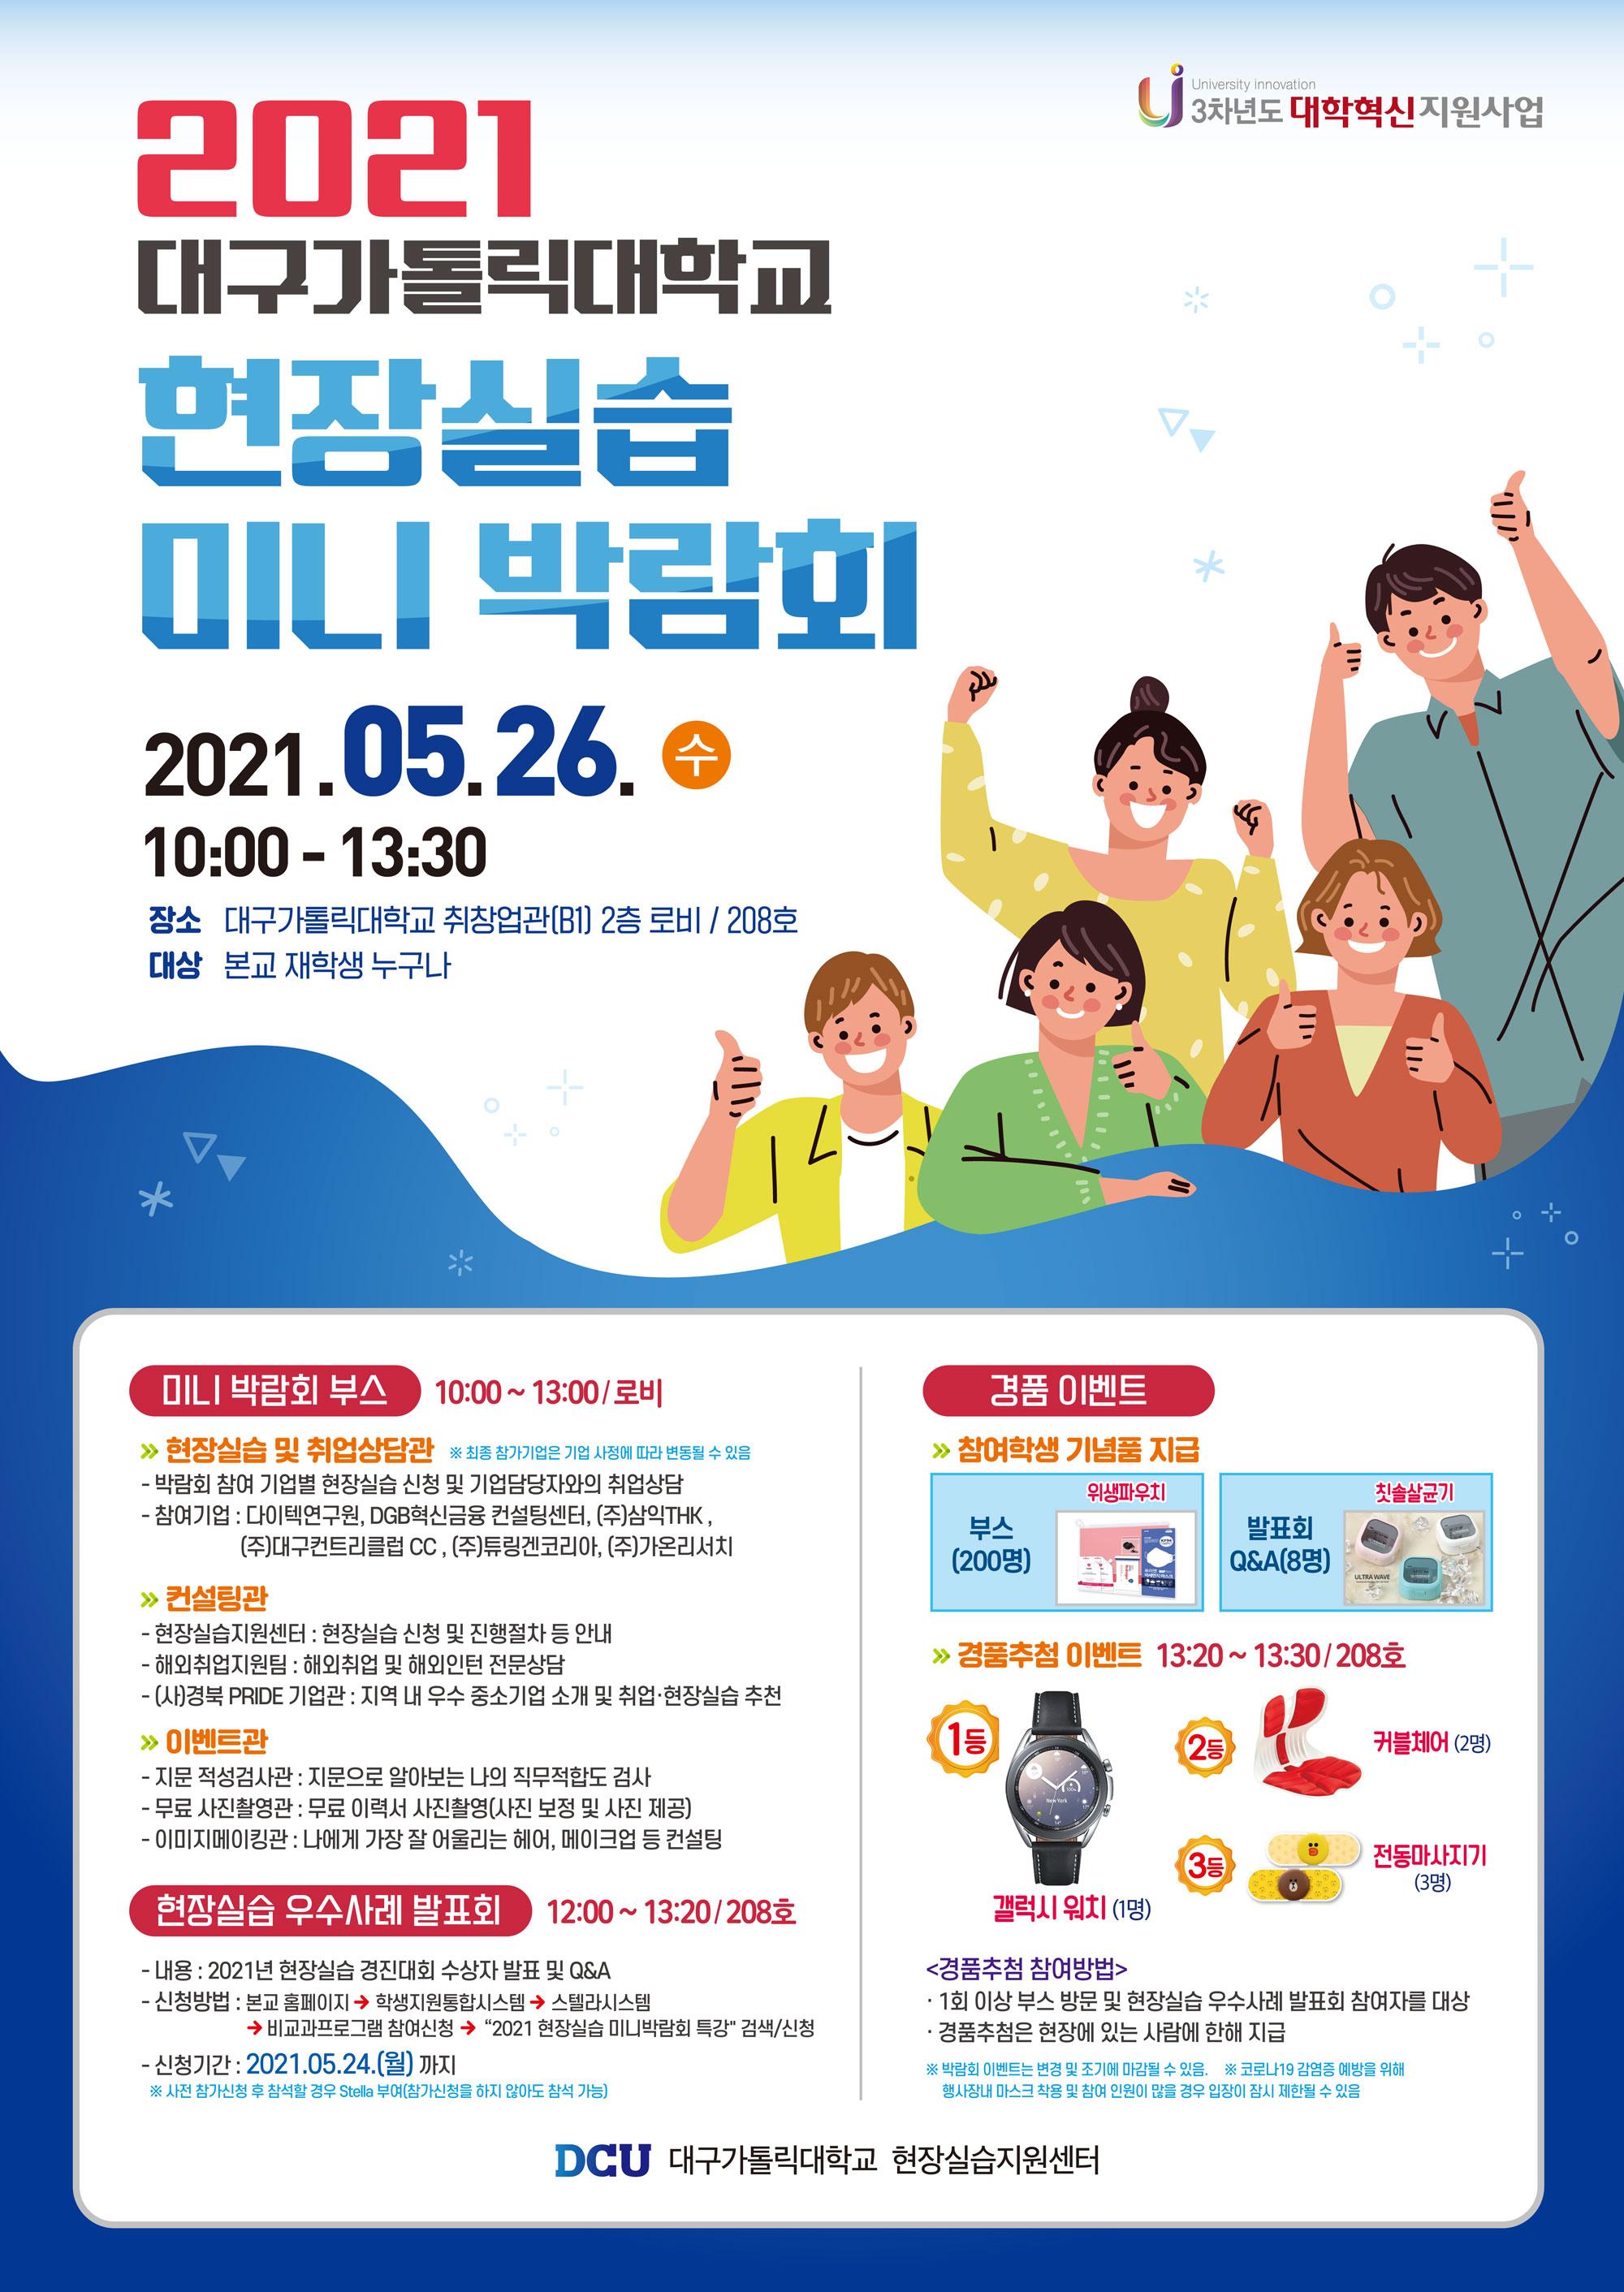 [혁신] 2021 현장실습 미니 박람회 개최 안내